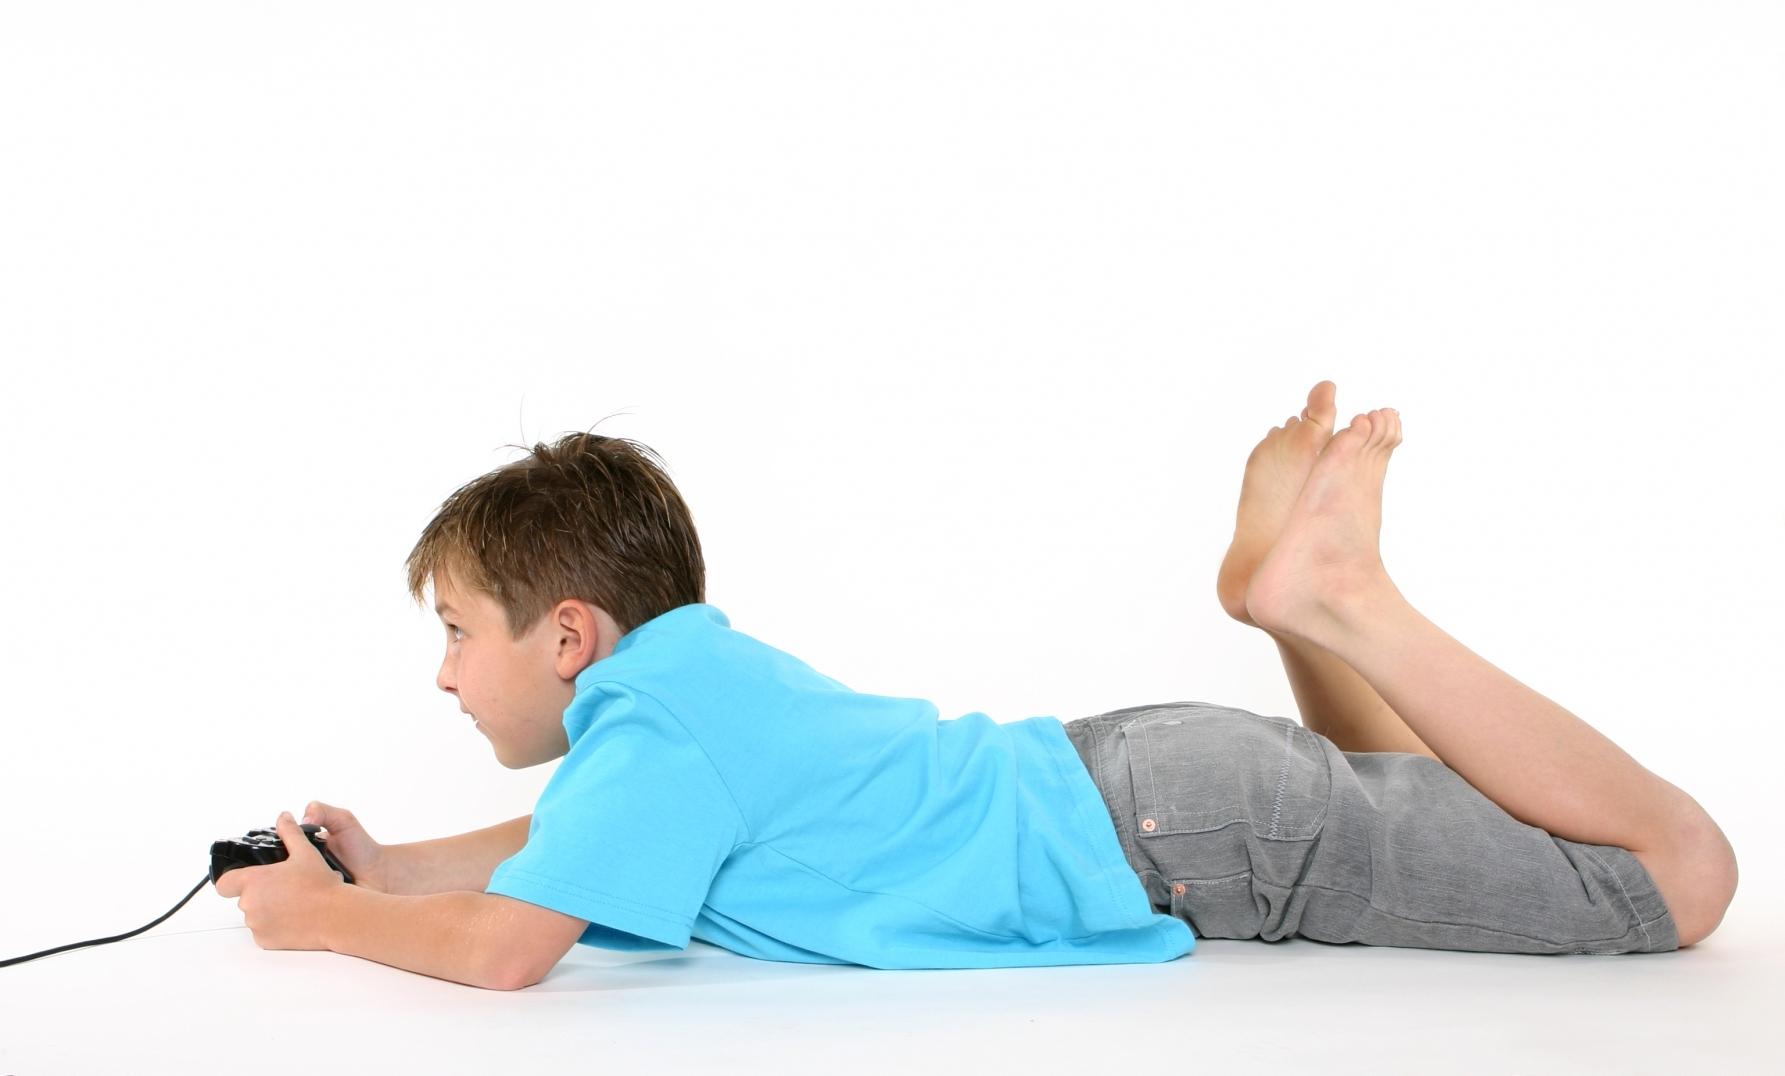 Pas D'ordinateur Avant 3 Ans, Pas De Console Avant 6 Ans encequiconcerne Jeux Video Enfant 5 Ans